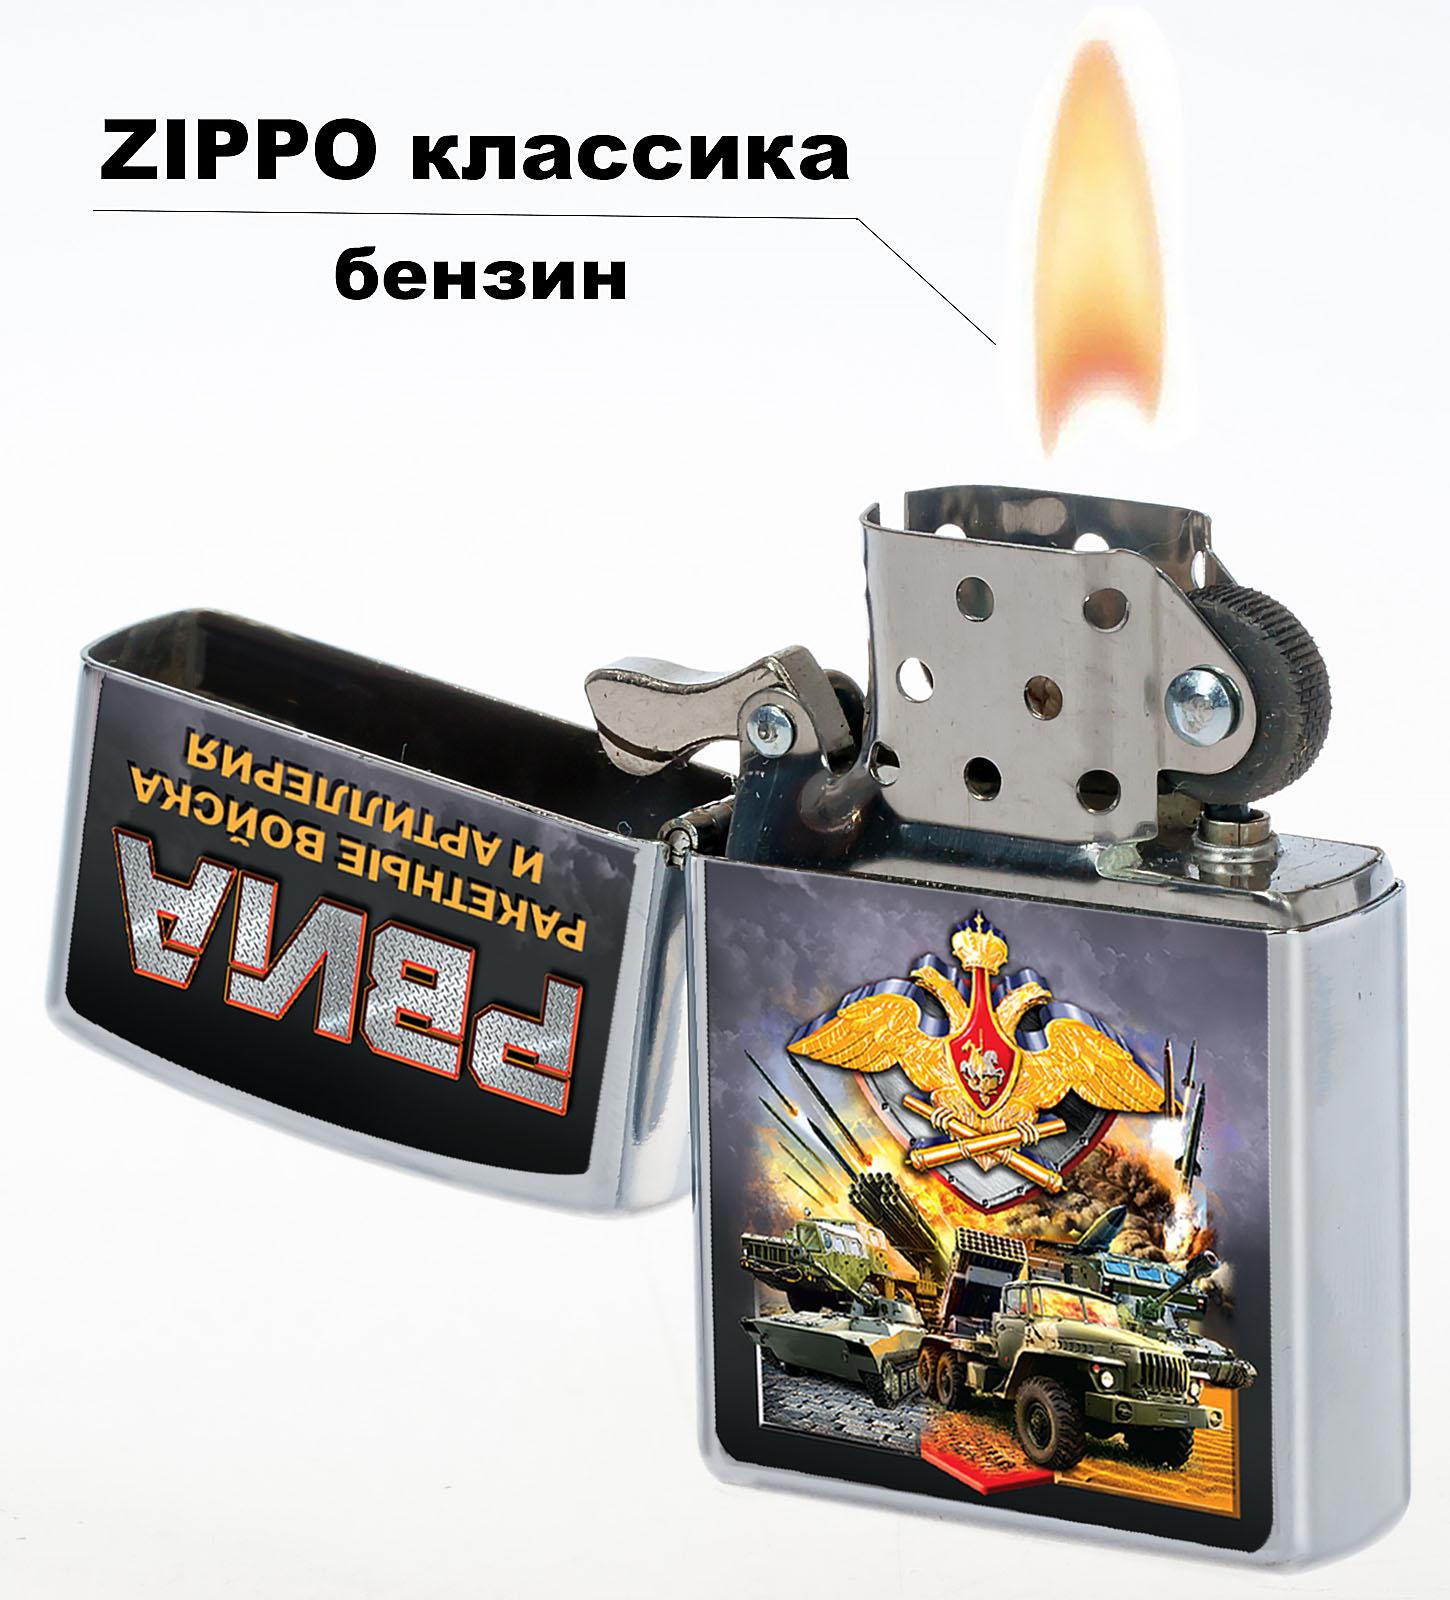 Сувенирная зажигалка на подарок ко Дню Артиллерии РВиА